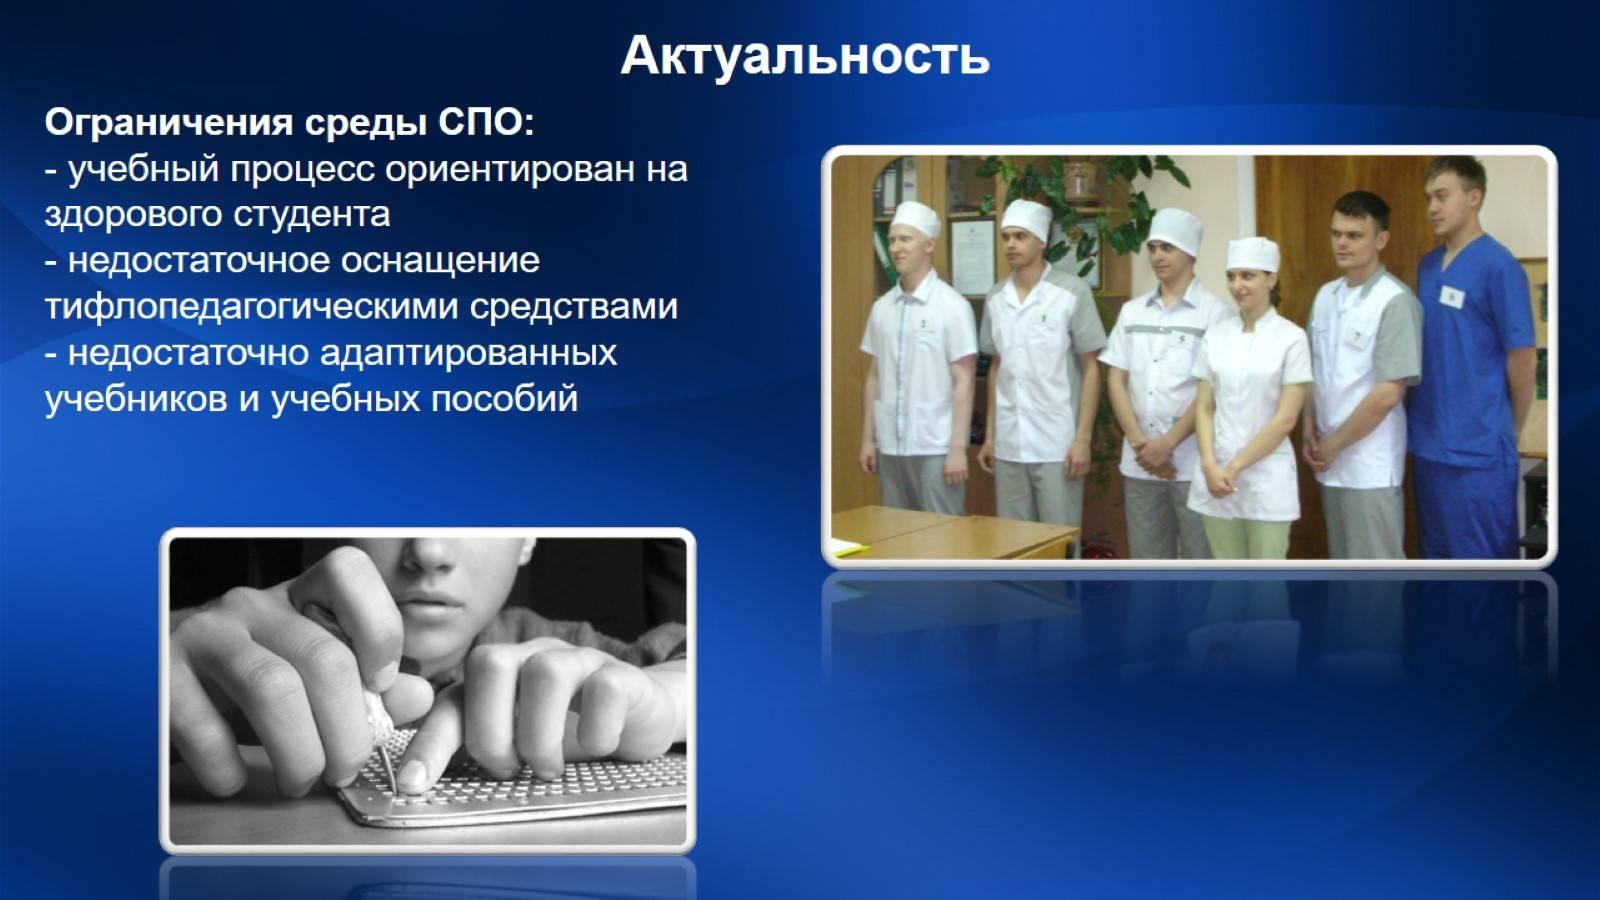 proekt inklyuzivnoe obrazovanie v nizhegorodskom medicinskom kolledzhe pri obuchenii studentov s ovz po zreniyu po special nosti medicinskiy massazh